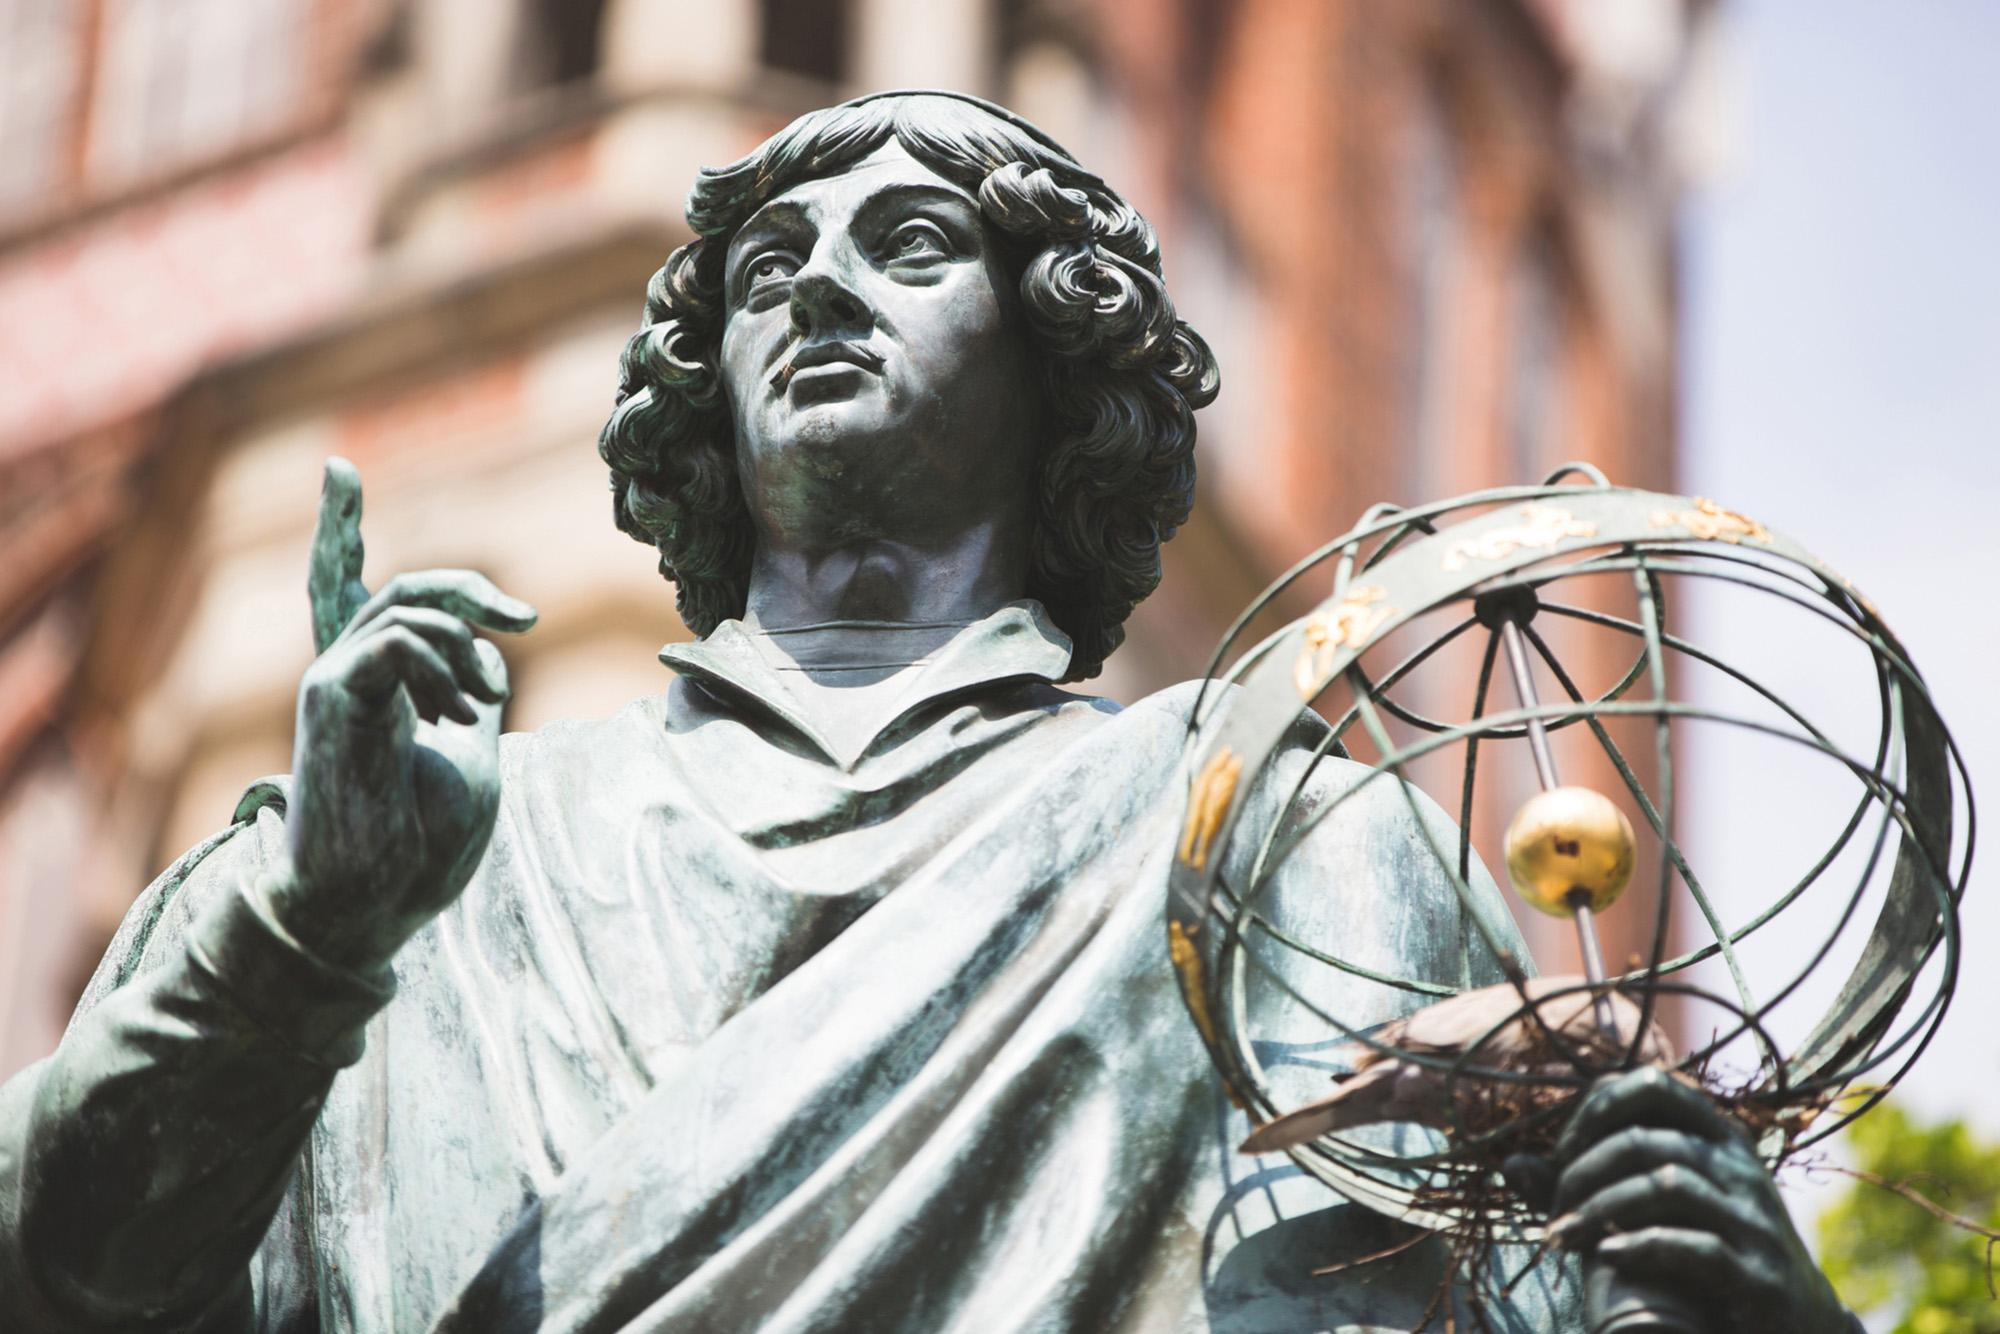 Torun Monument of Nicolaus Copernicus-72 ppi